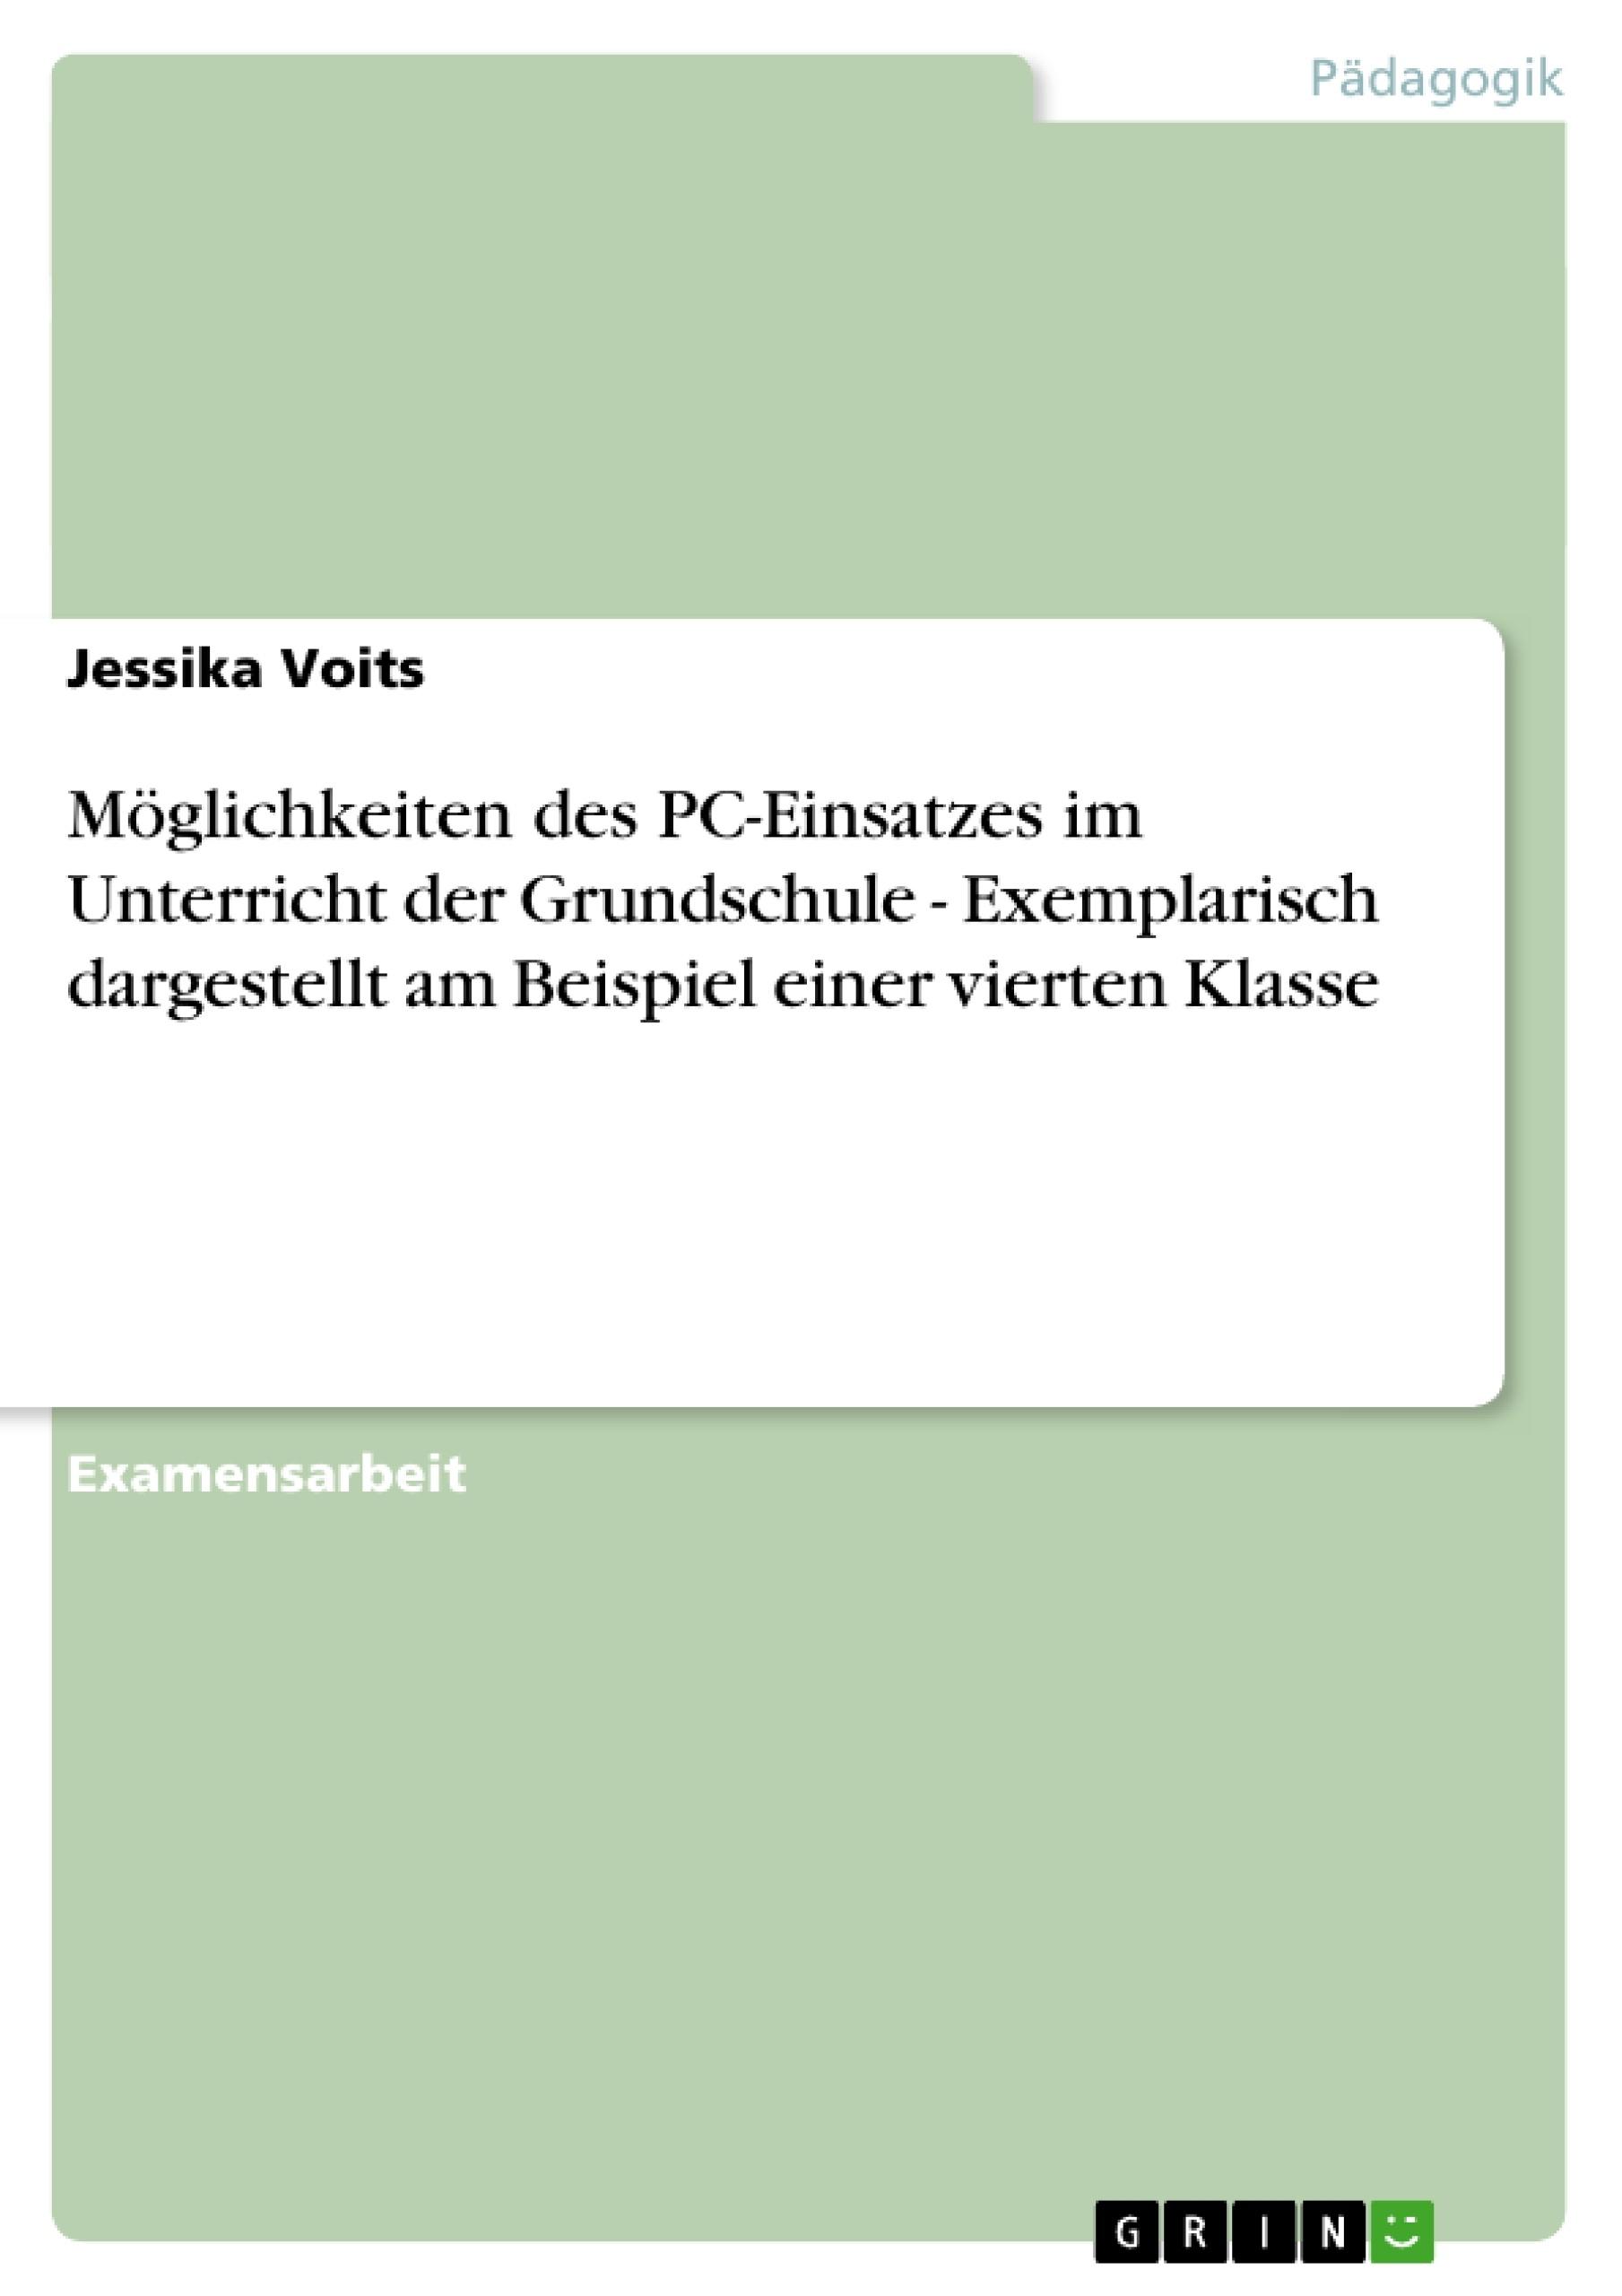 Titel: Möglichkeiten des PC-Einsatzes im Unterricht der Grundschule - Exemplarisch dargestellt am Beispiel einer vierten Klasse